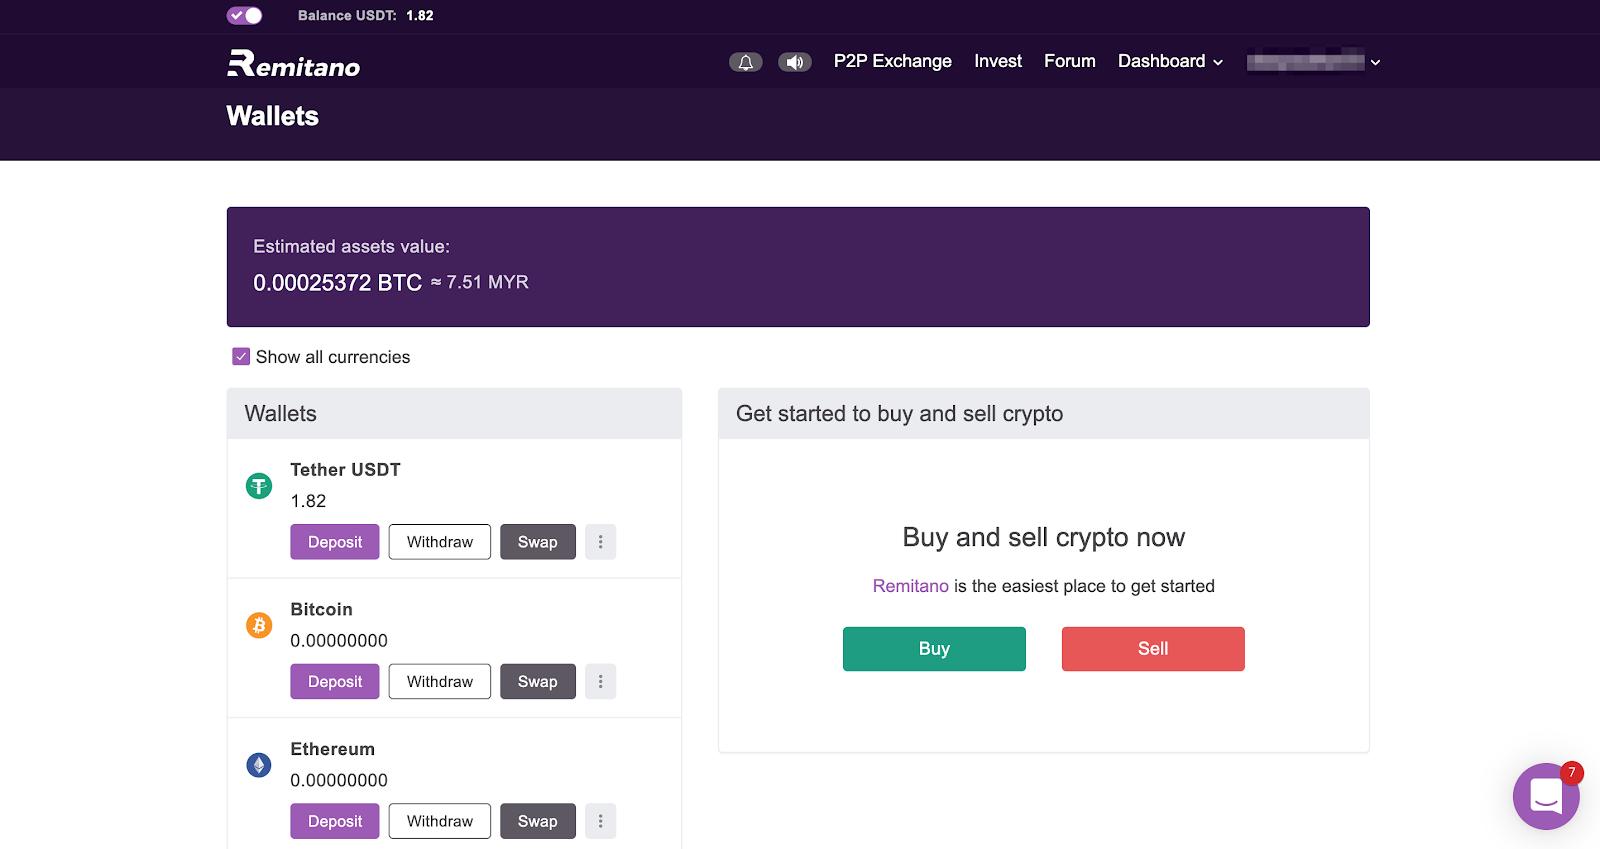 Wie man Bitcoin von Blockchain nach Remitano schickt